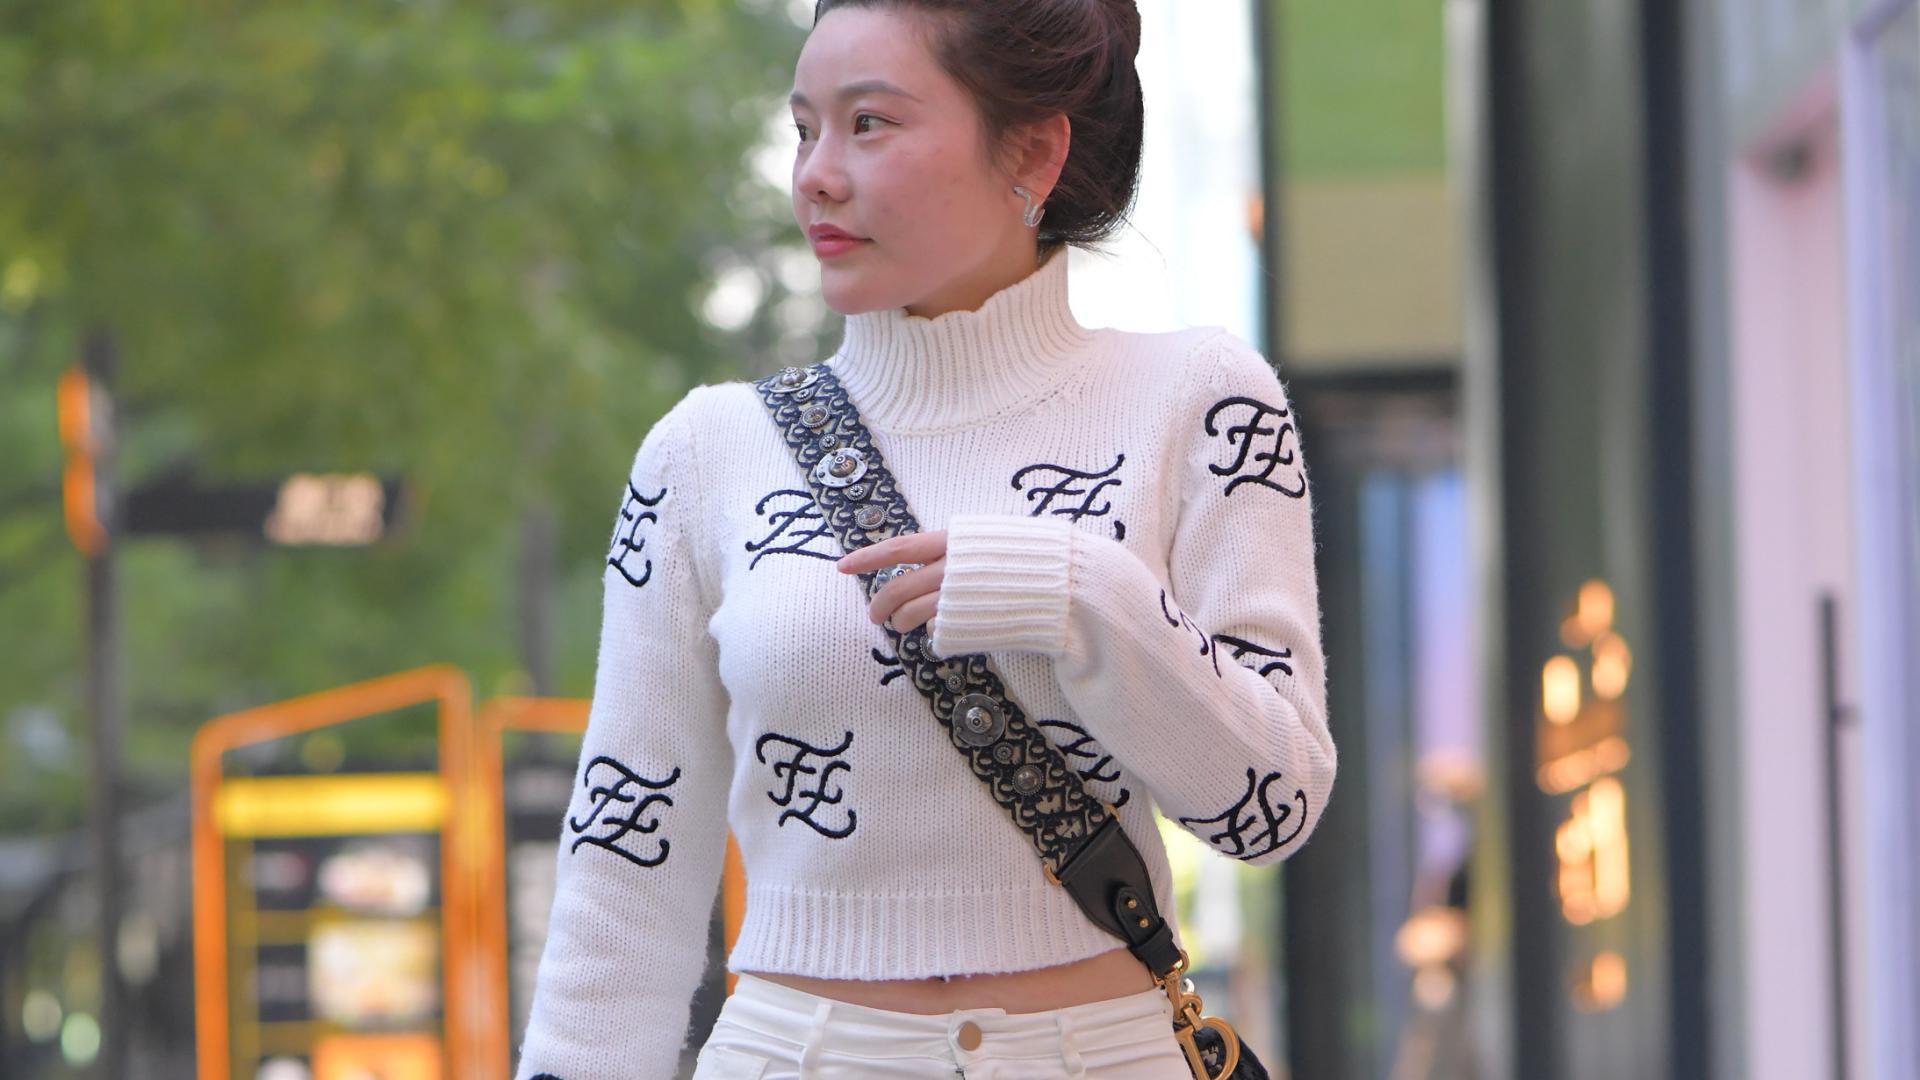 时尚的她真会打扮,白色系清新搭配,太美了!